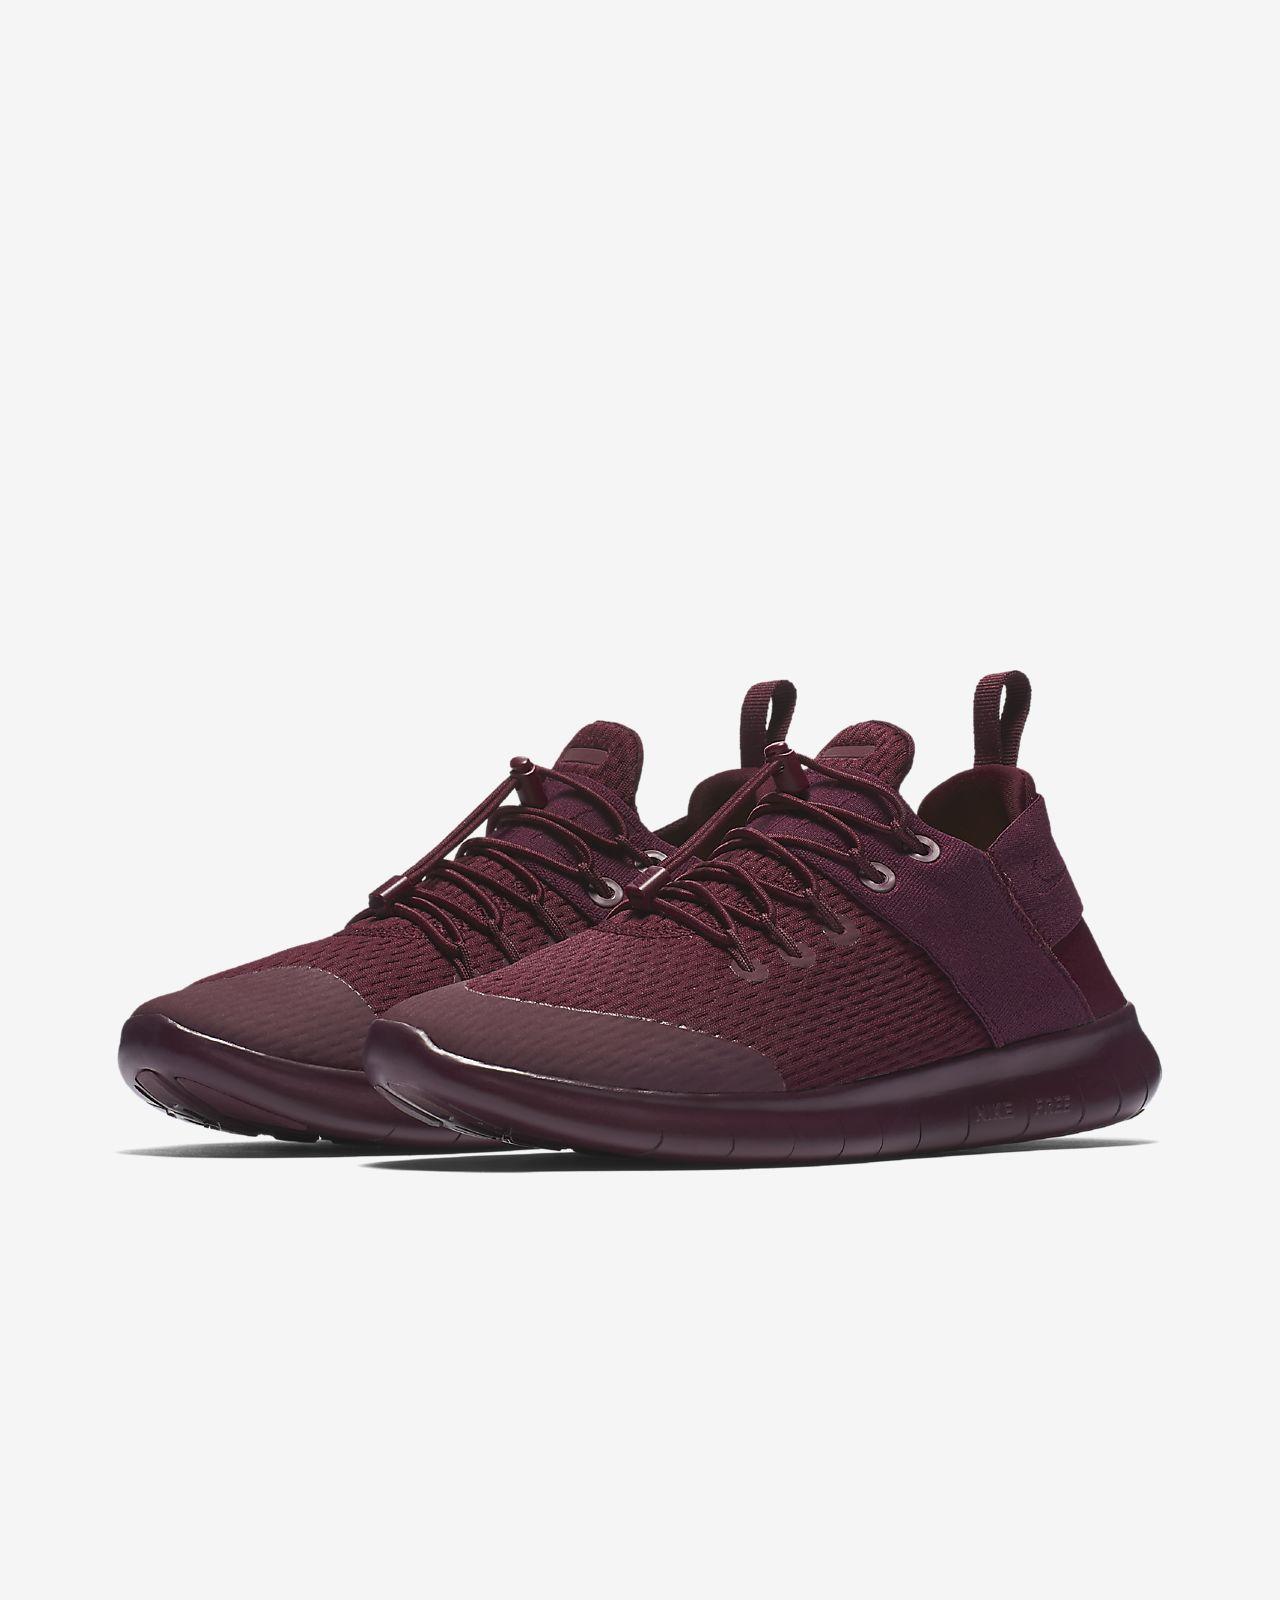 Nike Free Rn  Little Kids Running Shoe In Store